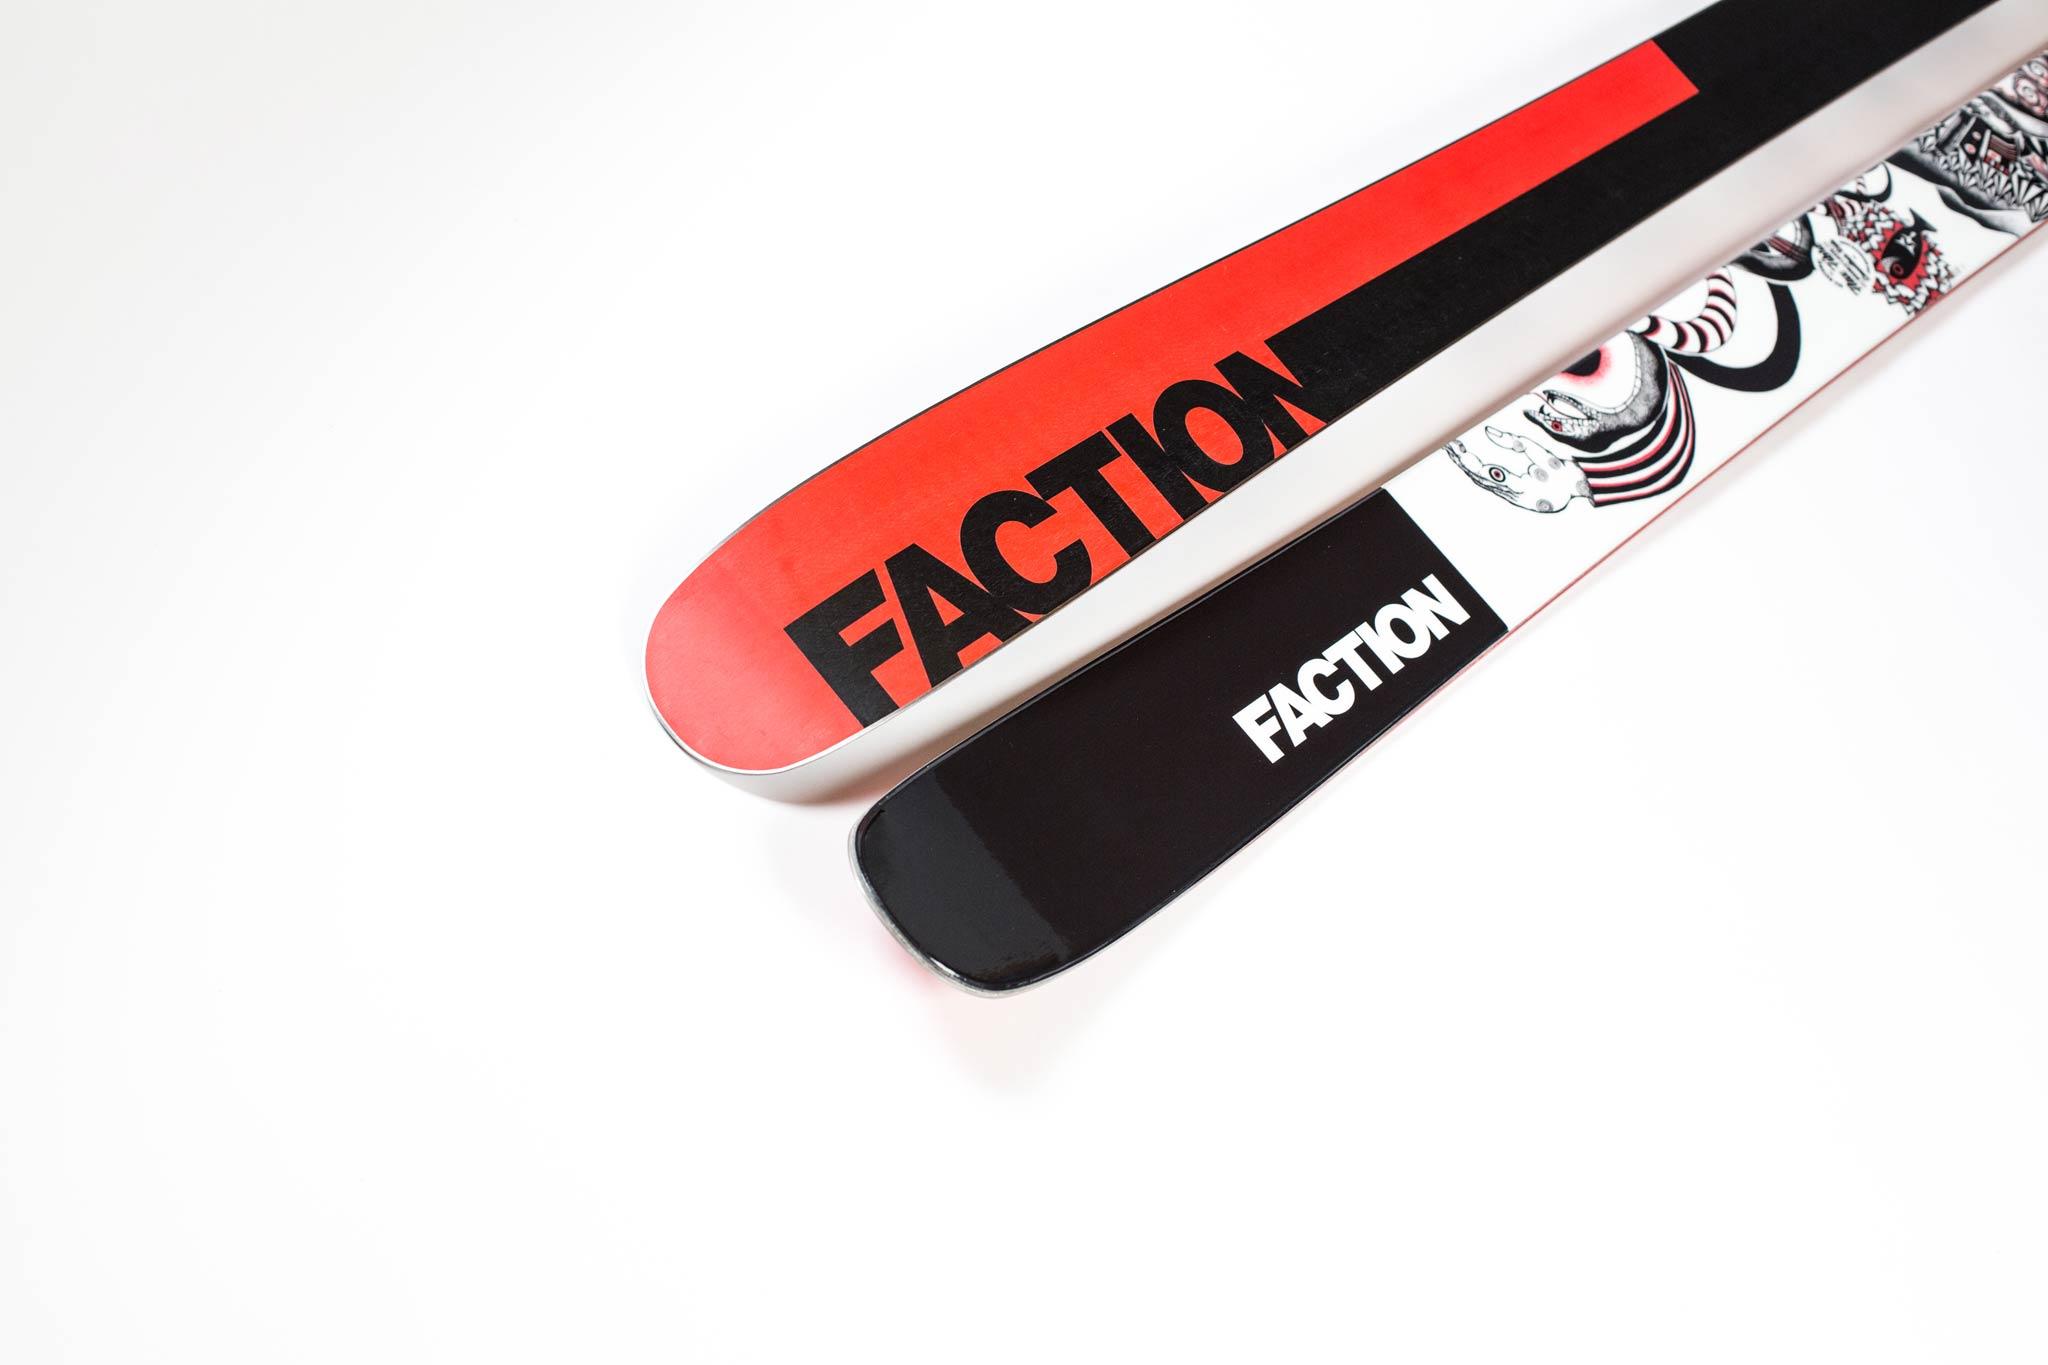 Faction Skis Prodigy 3.0 x Kengo Kimura